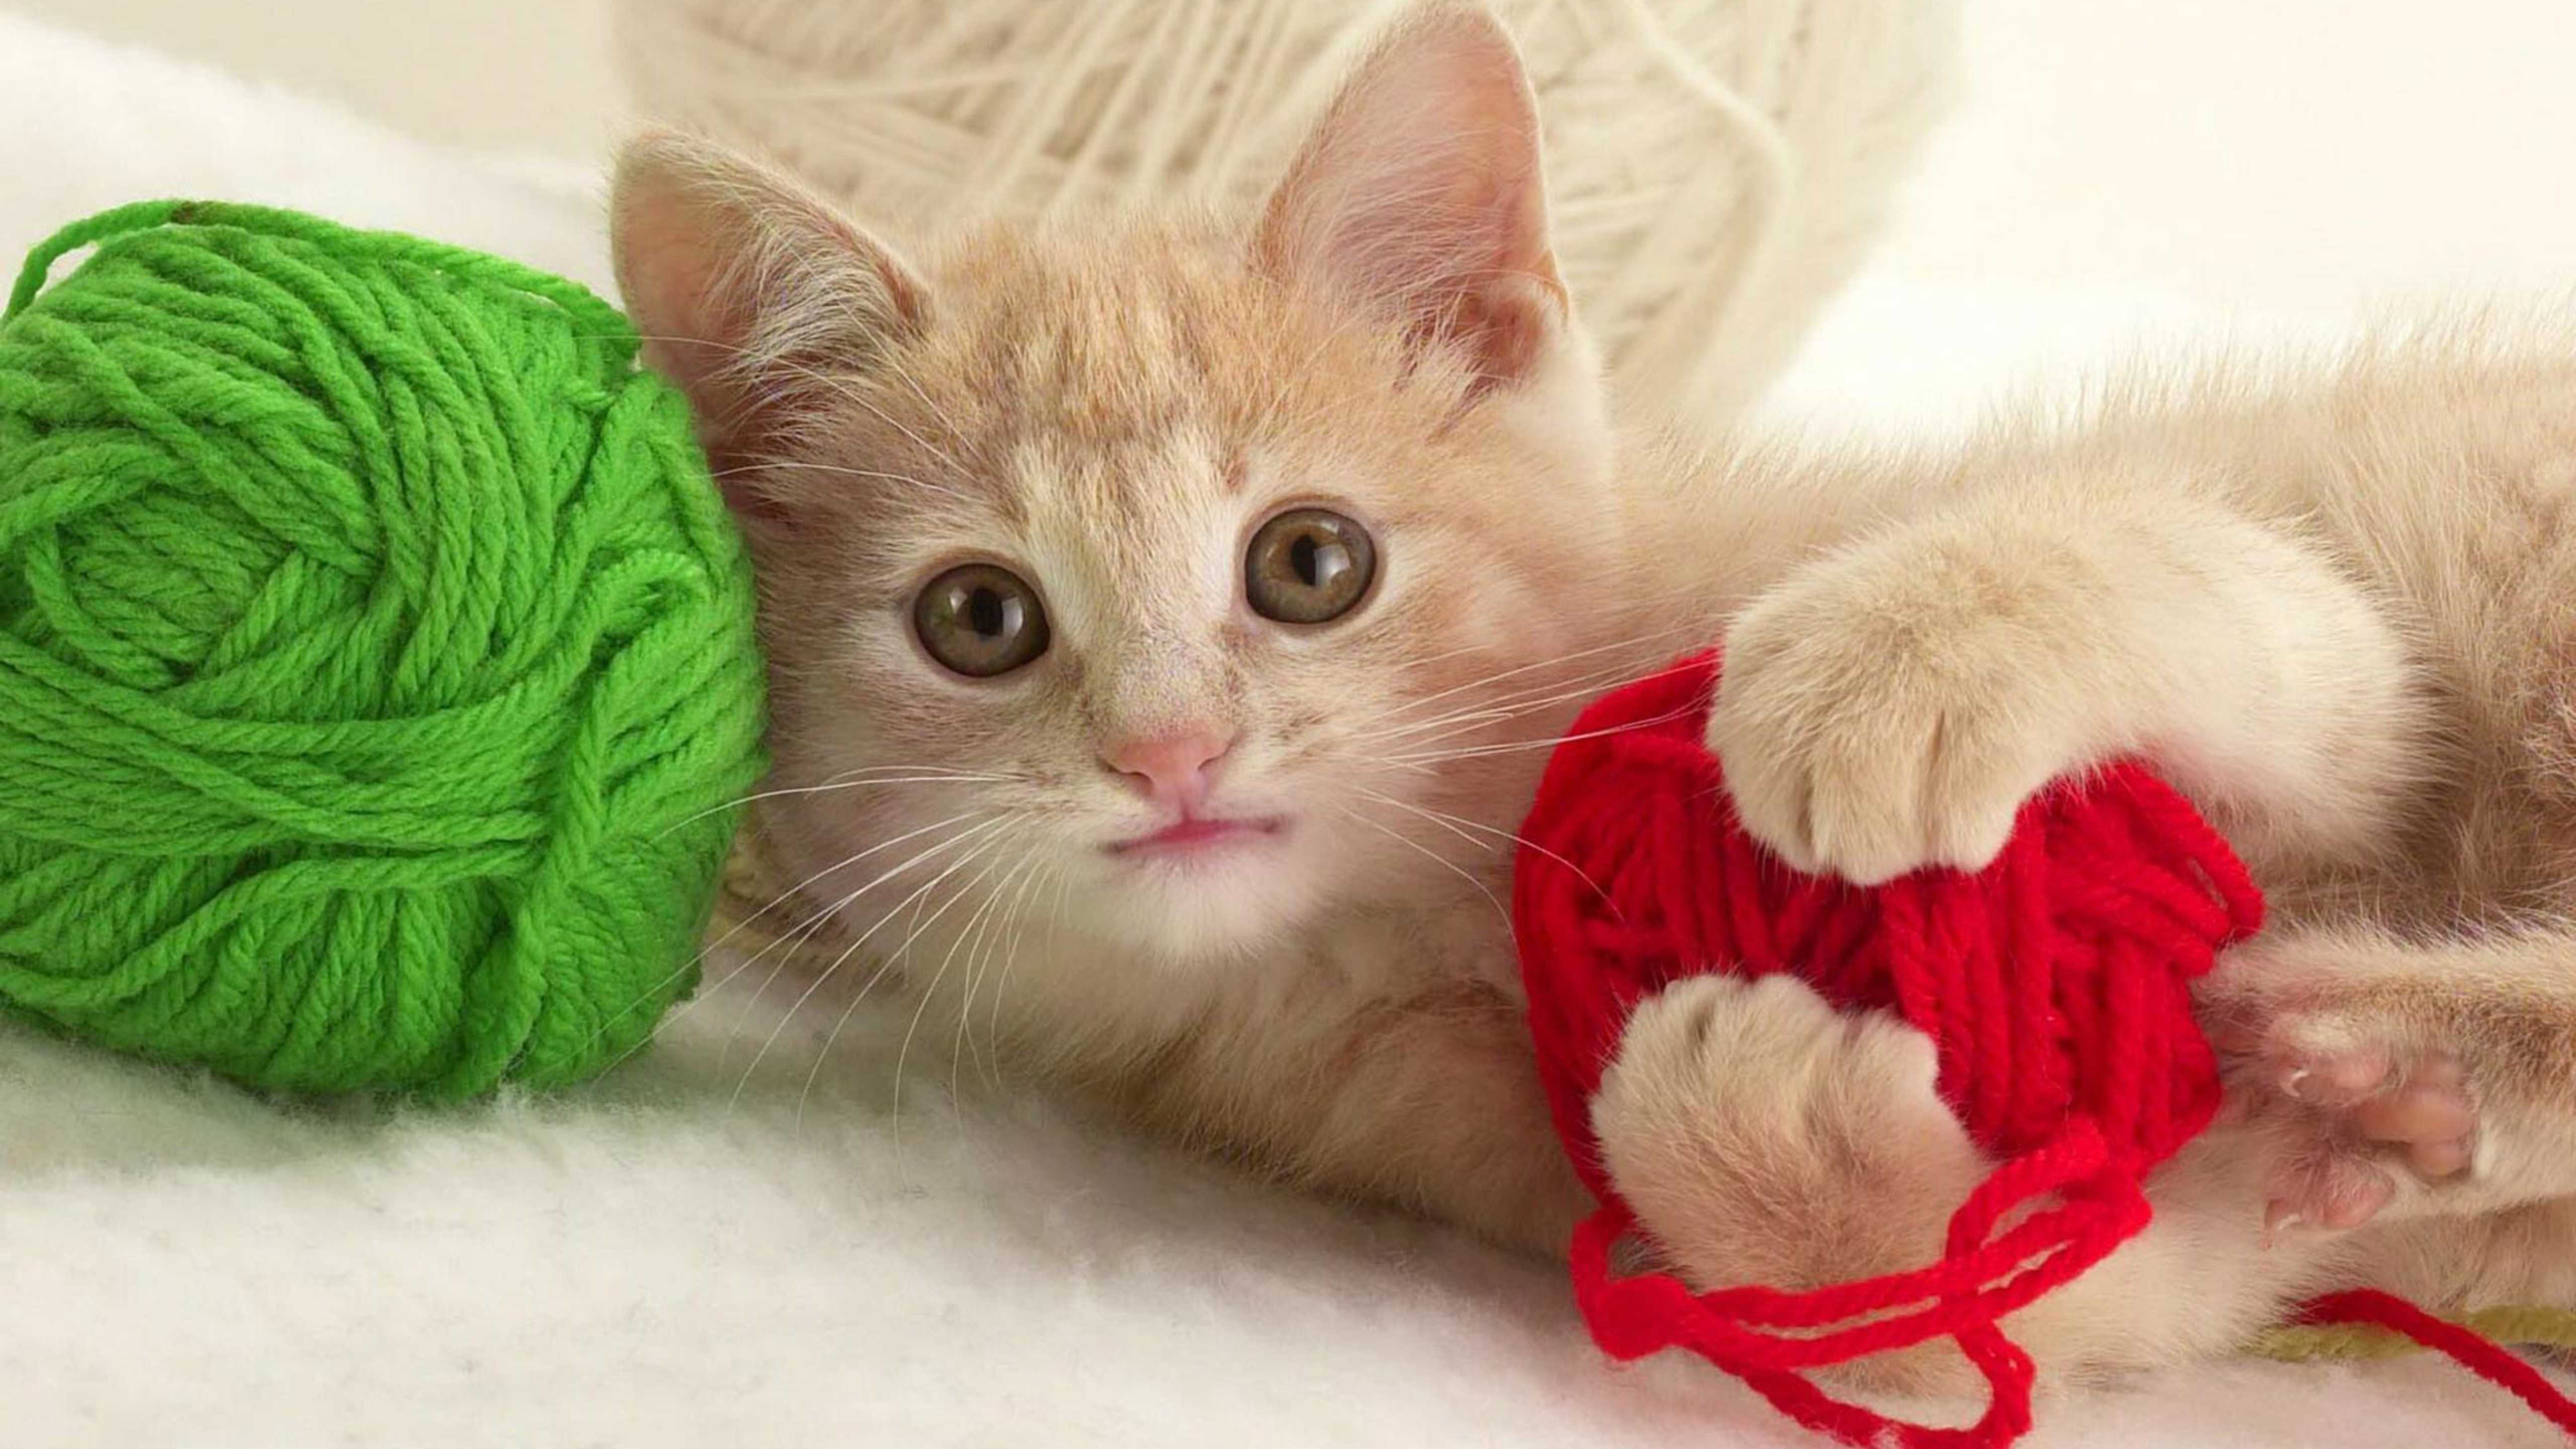 yün-yumakları-ile-oynayan-yavru-kedi